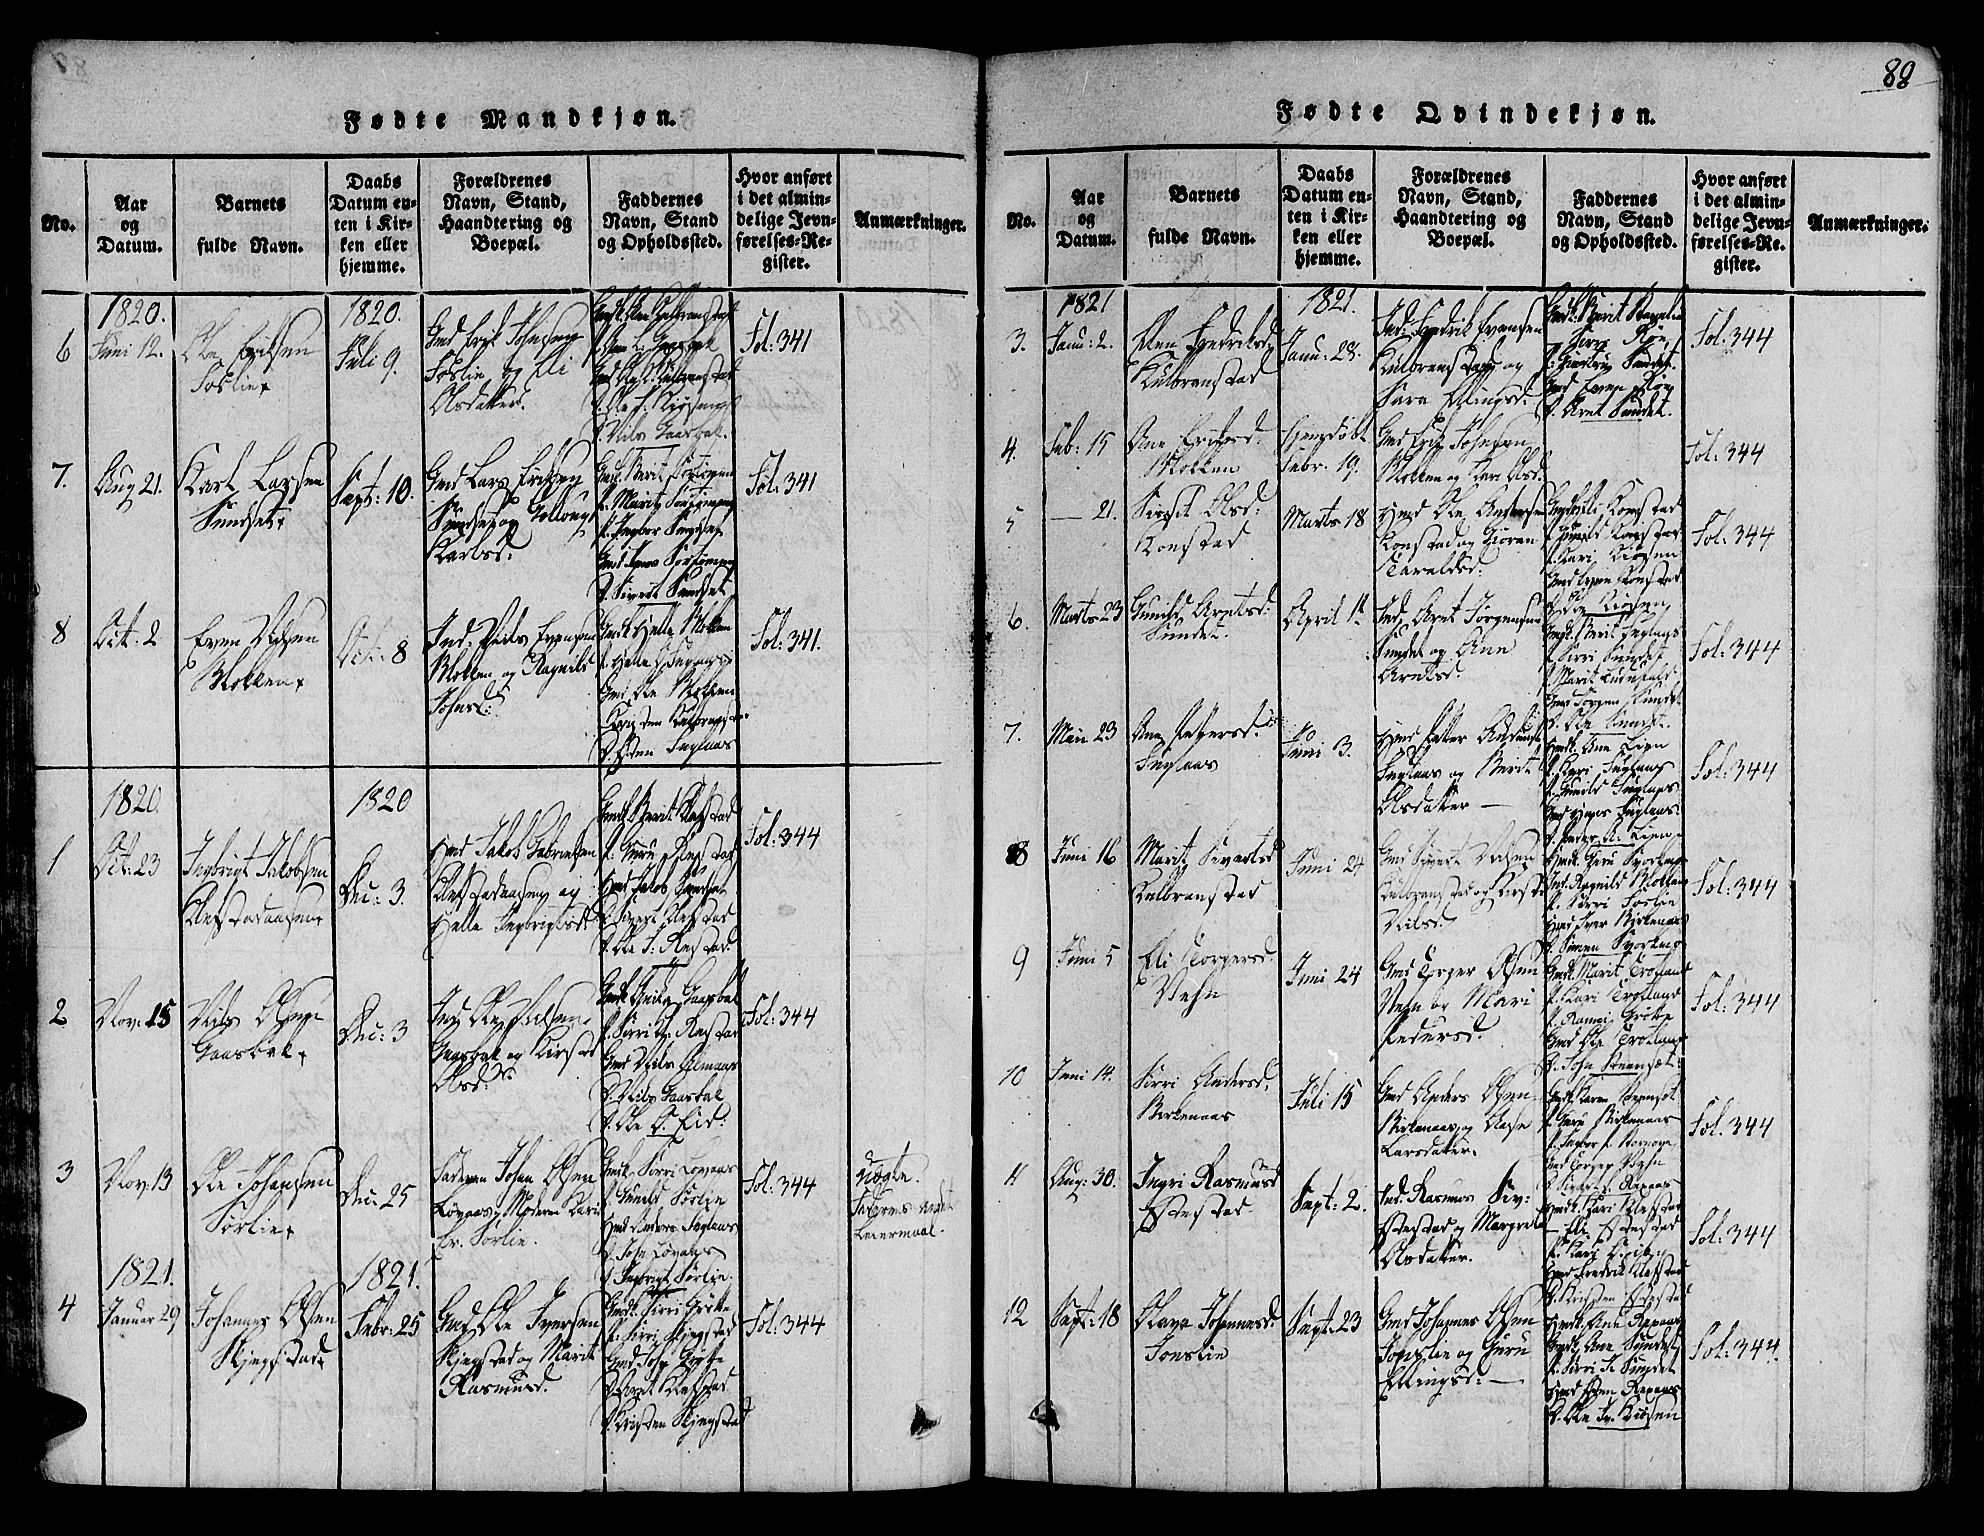 SAT, Ministerialprotokoller, klokkerbøker og fødselsregistre - Sør-Trøndelag, 691/L1068: Ministerialbok nr. 691A03 /4, 1816-1826, s. 88